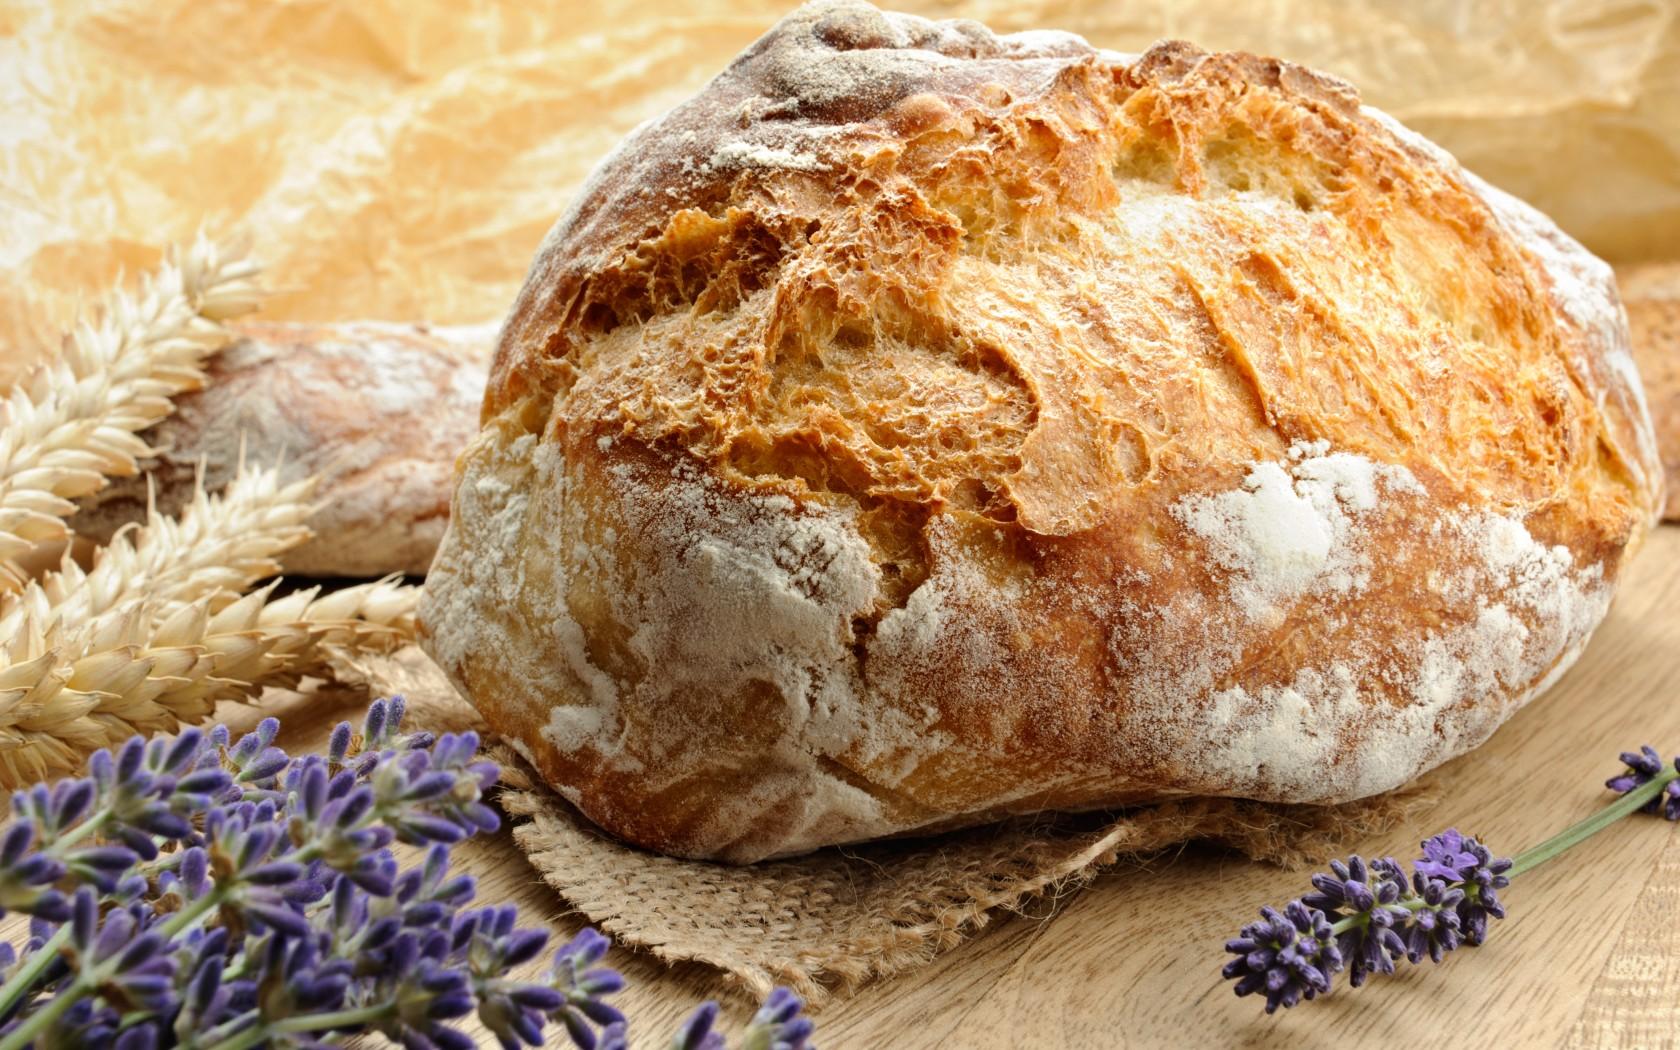 Quinta-feira Santa: O pão da vida, a comunhão, nos une a cristo e aos irmãos! [Itacir Brassiani msf]